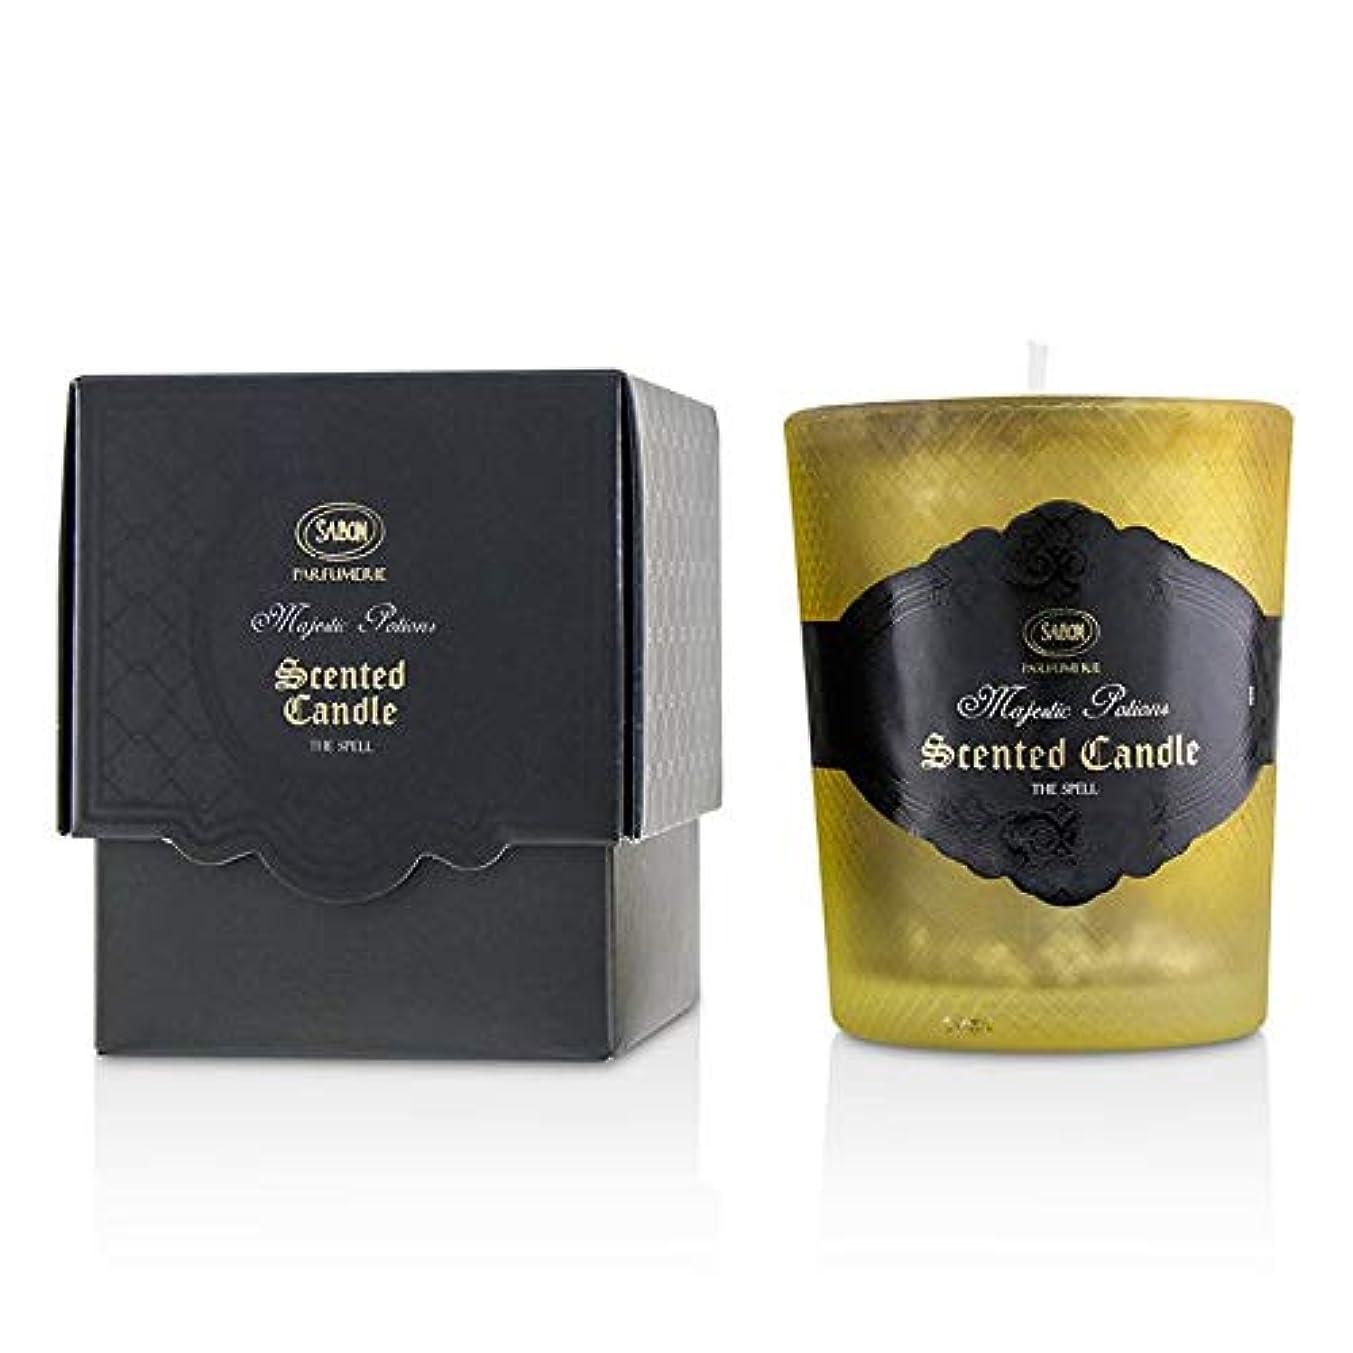 リスト雰囲気アナリストサボン Luxury Glass Candle - The Spell 150ml/5oz並行輸入品